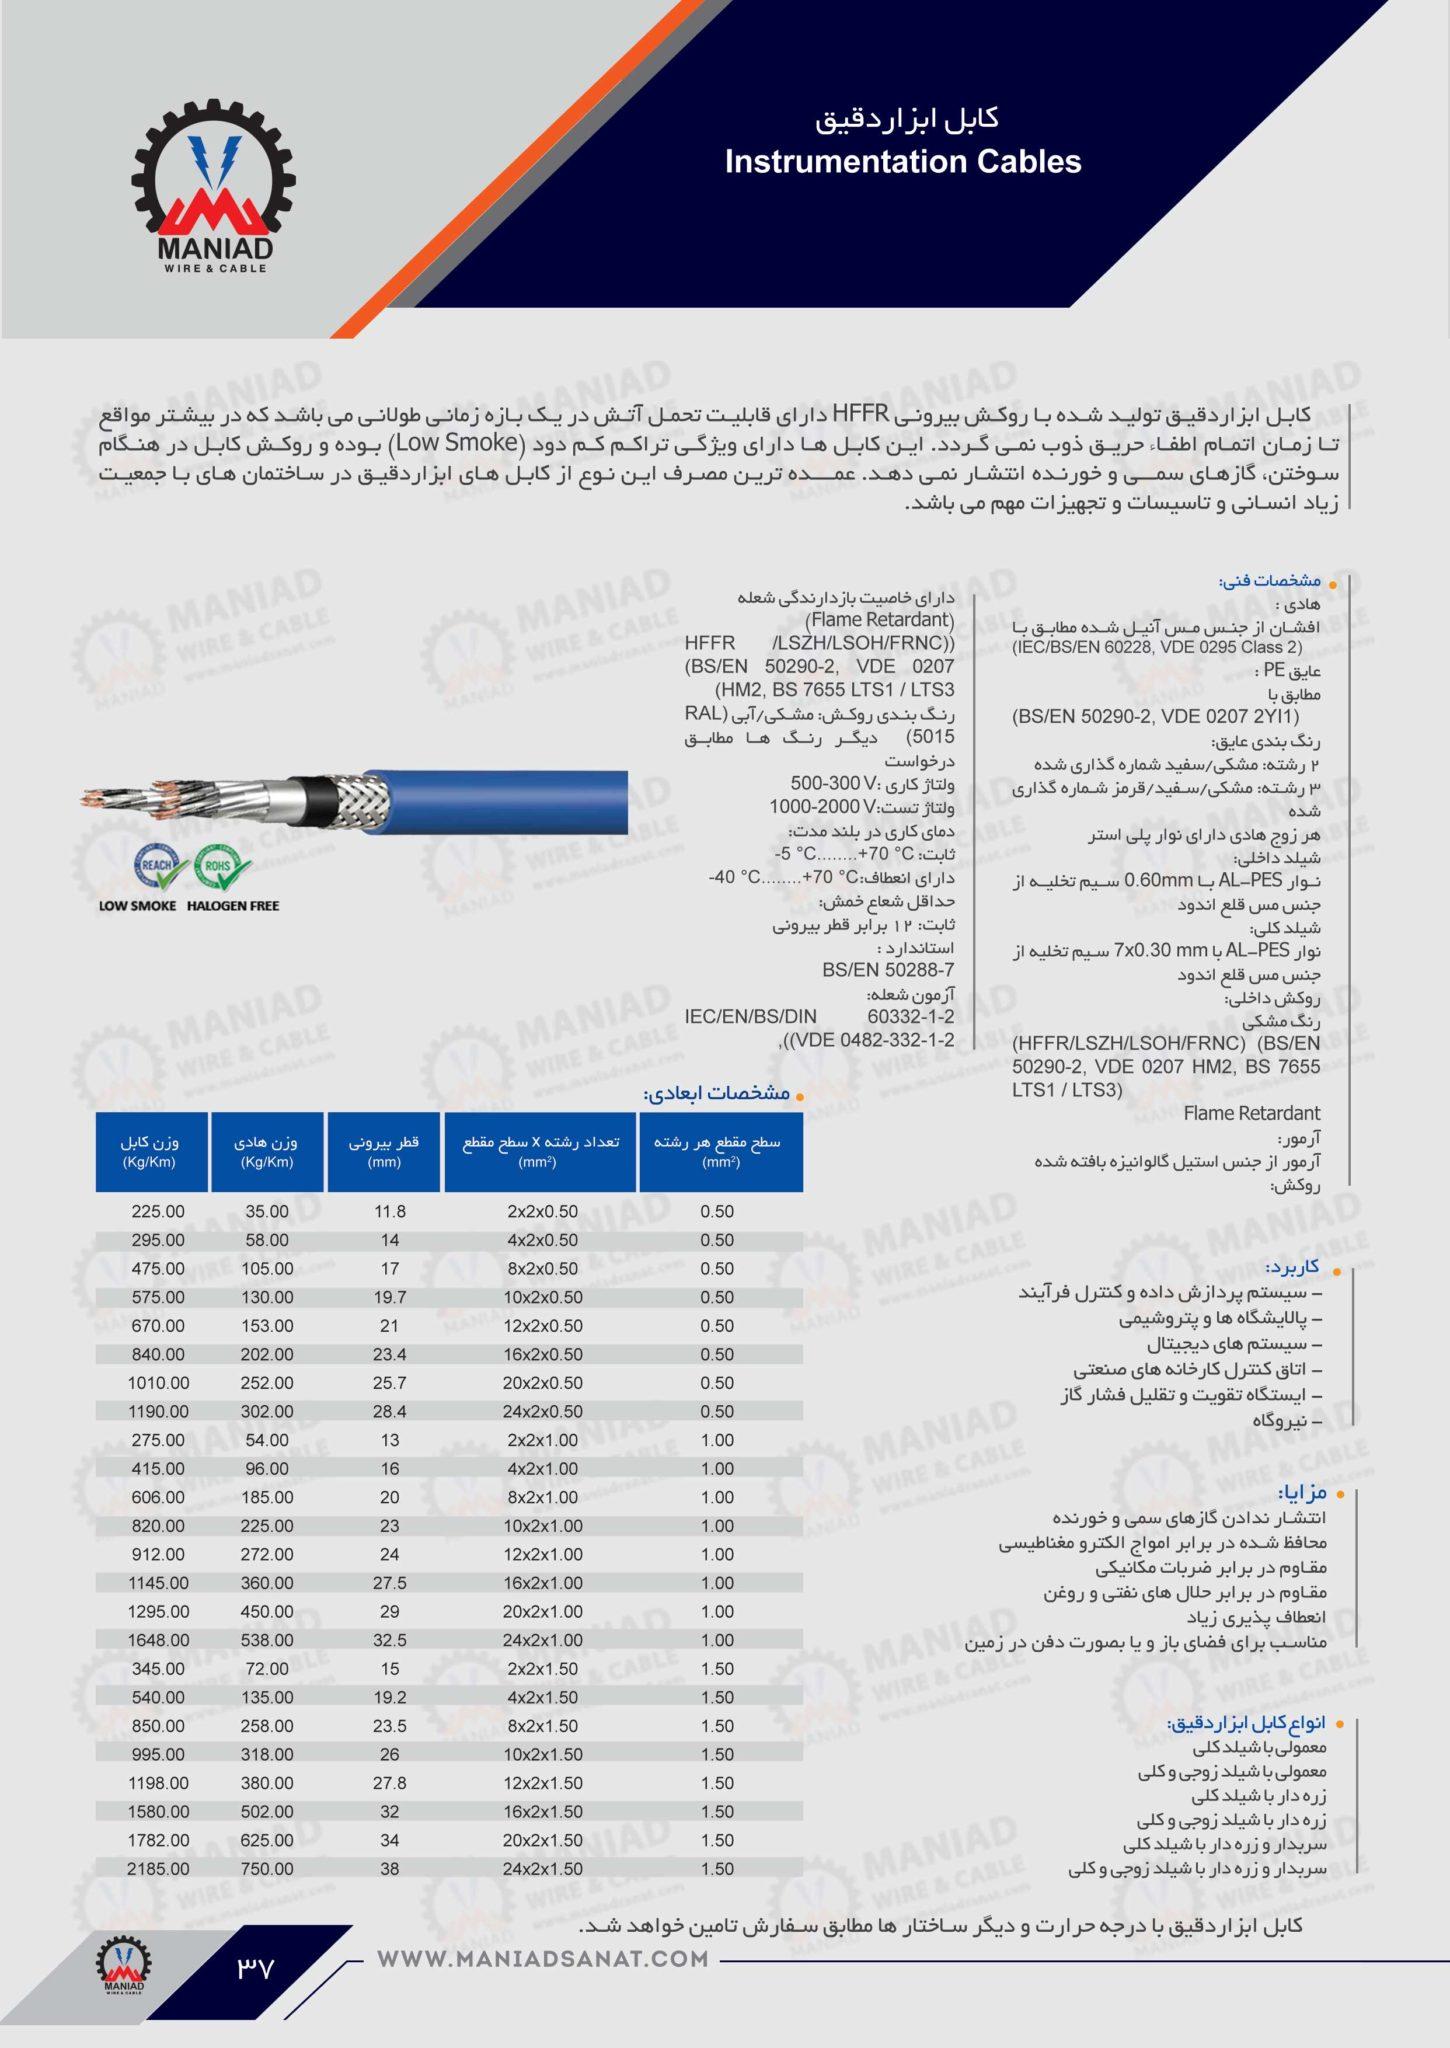 کابل ابزار دقیق HFFR